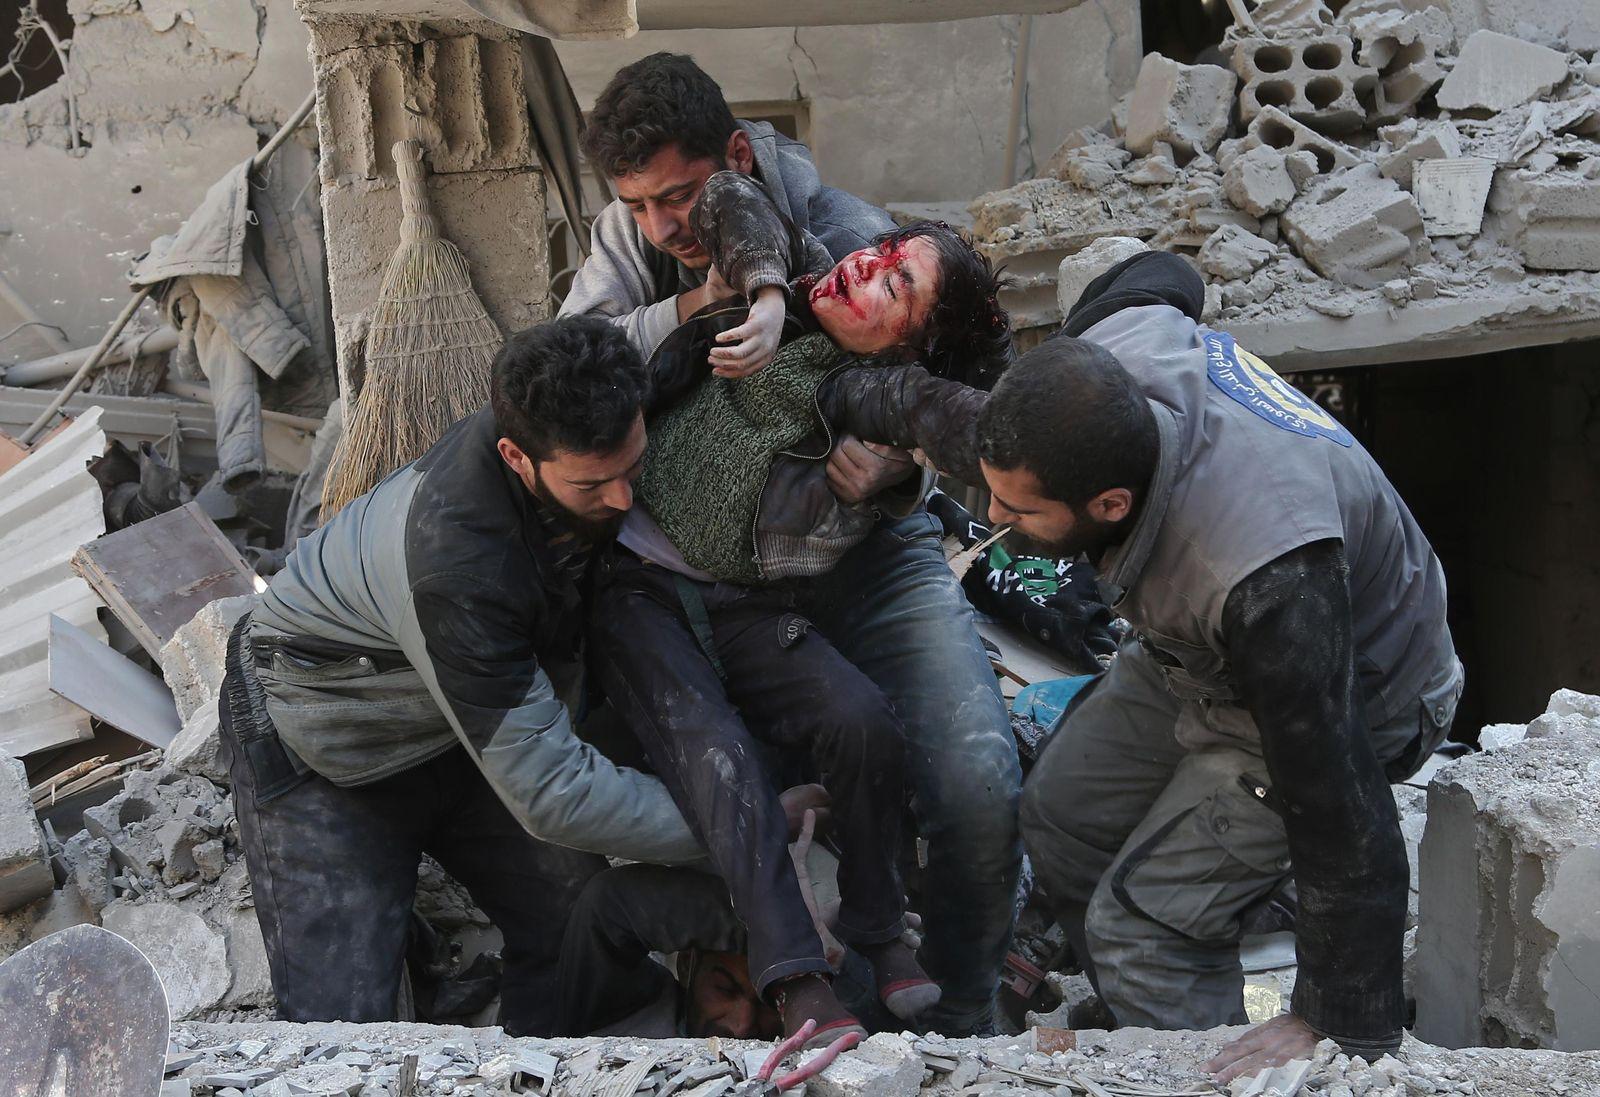 SPIEGEL Plus SPIEGEL 9/2018 Syrien Ghouta (STARTBILD)